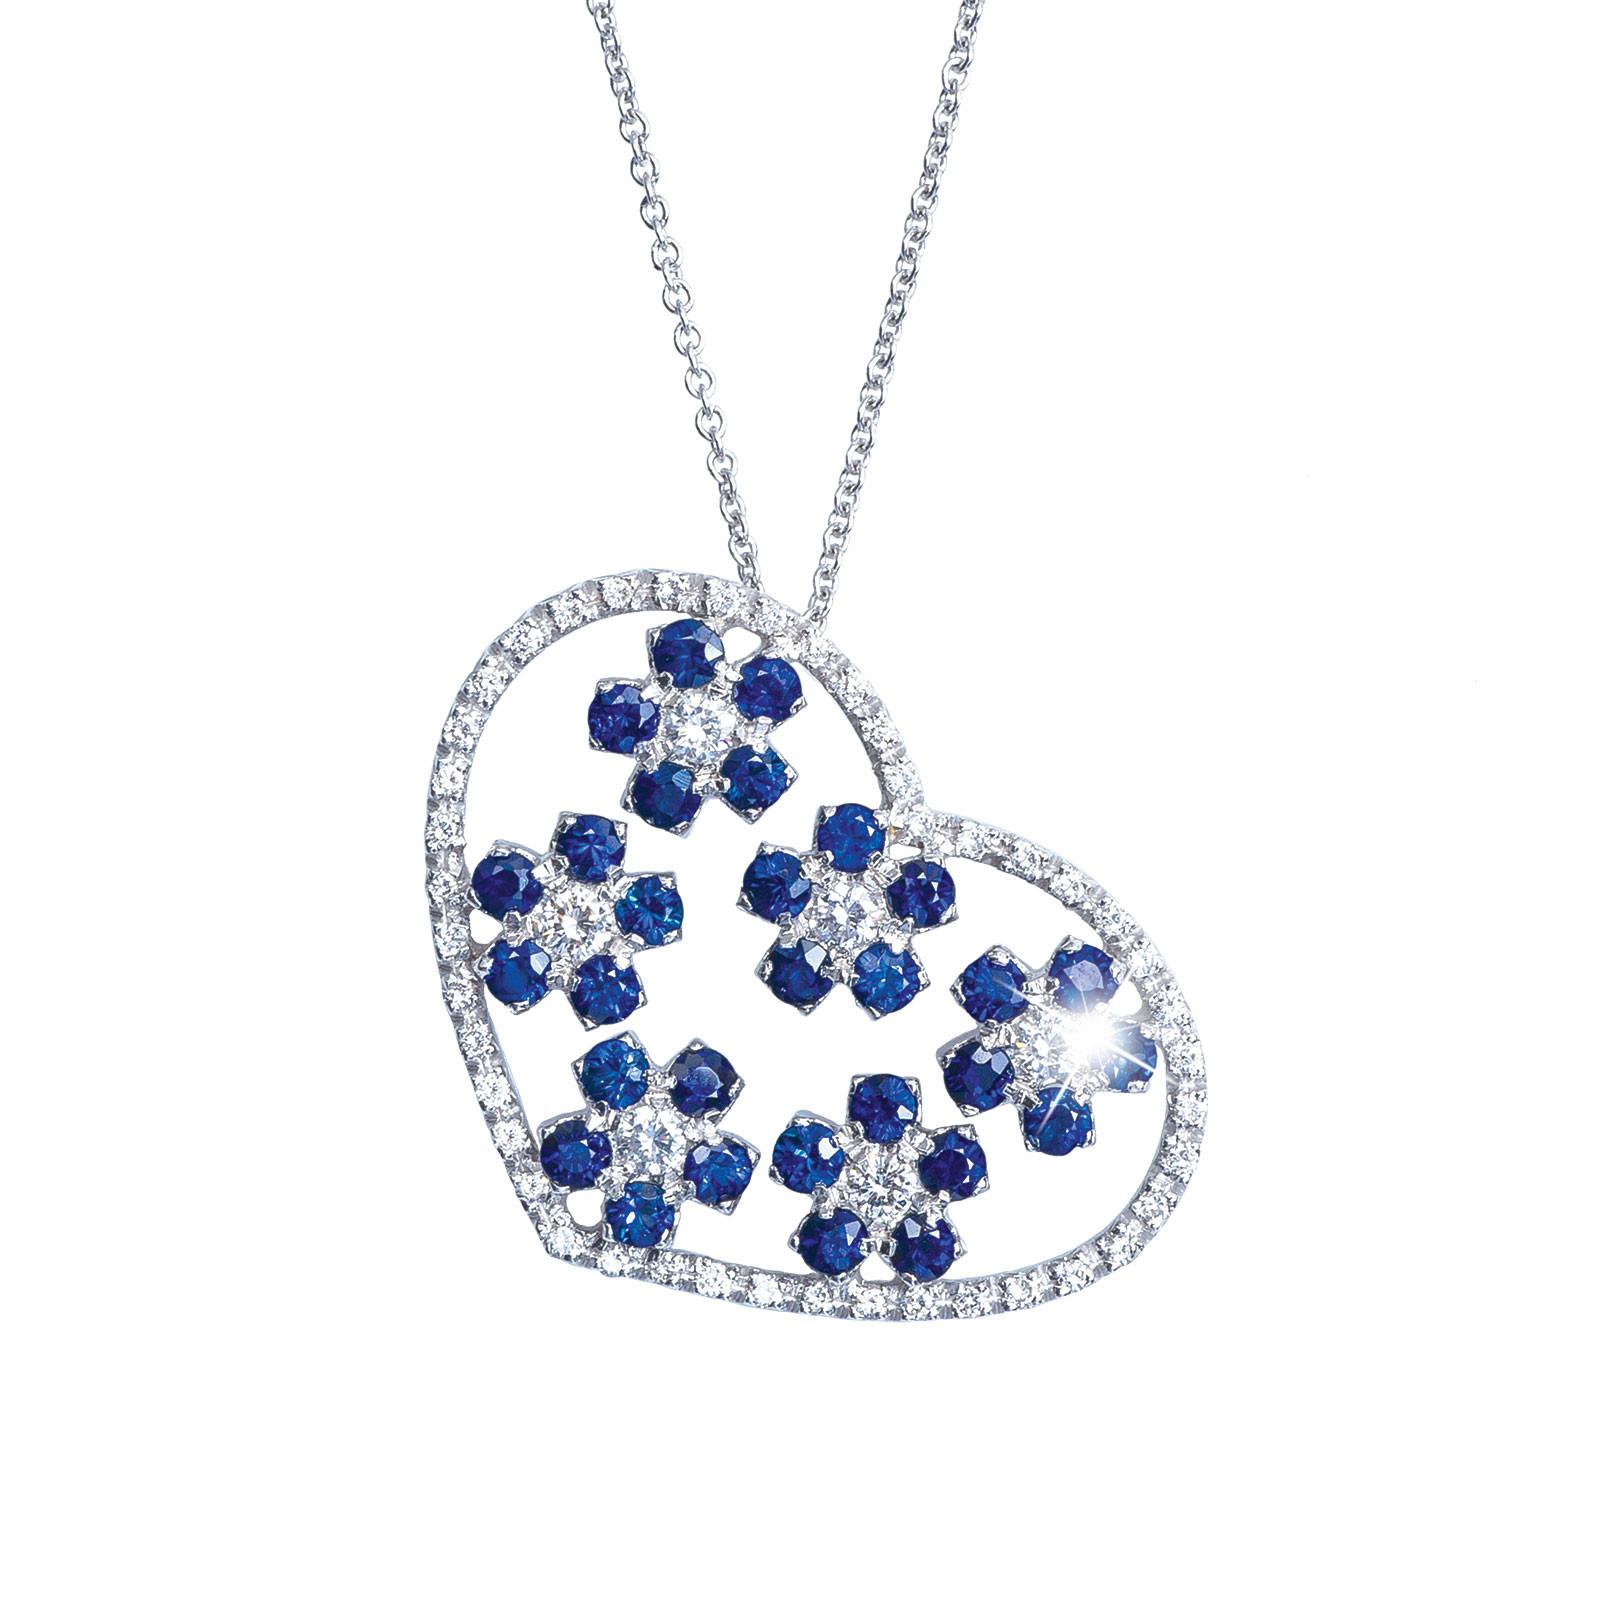 Vintage 2.22 CTW Blue Sapphire & Diamond Necklace